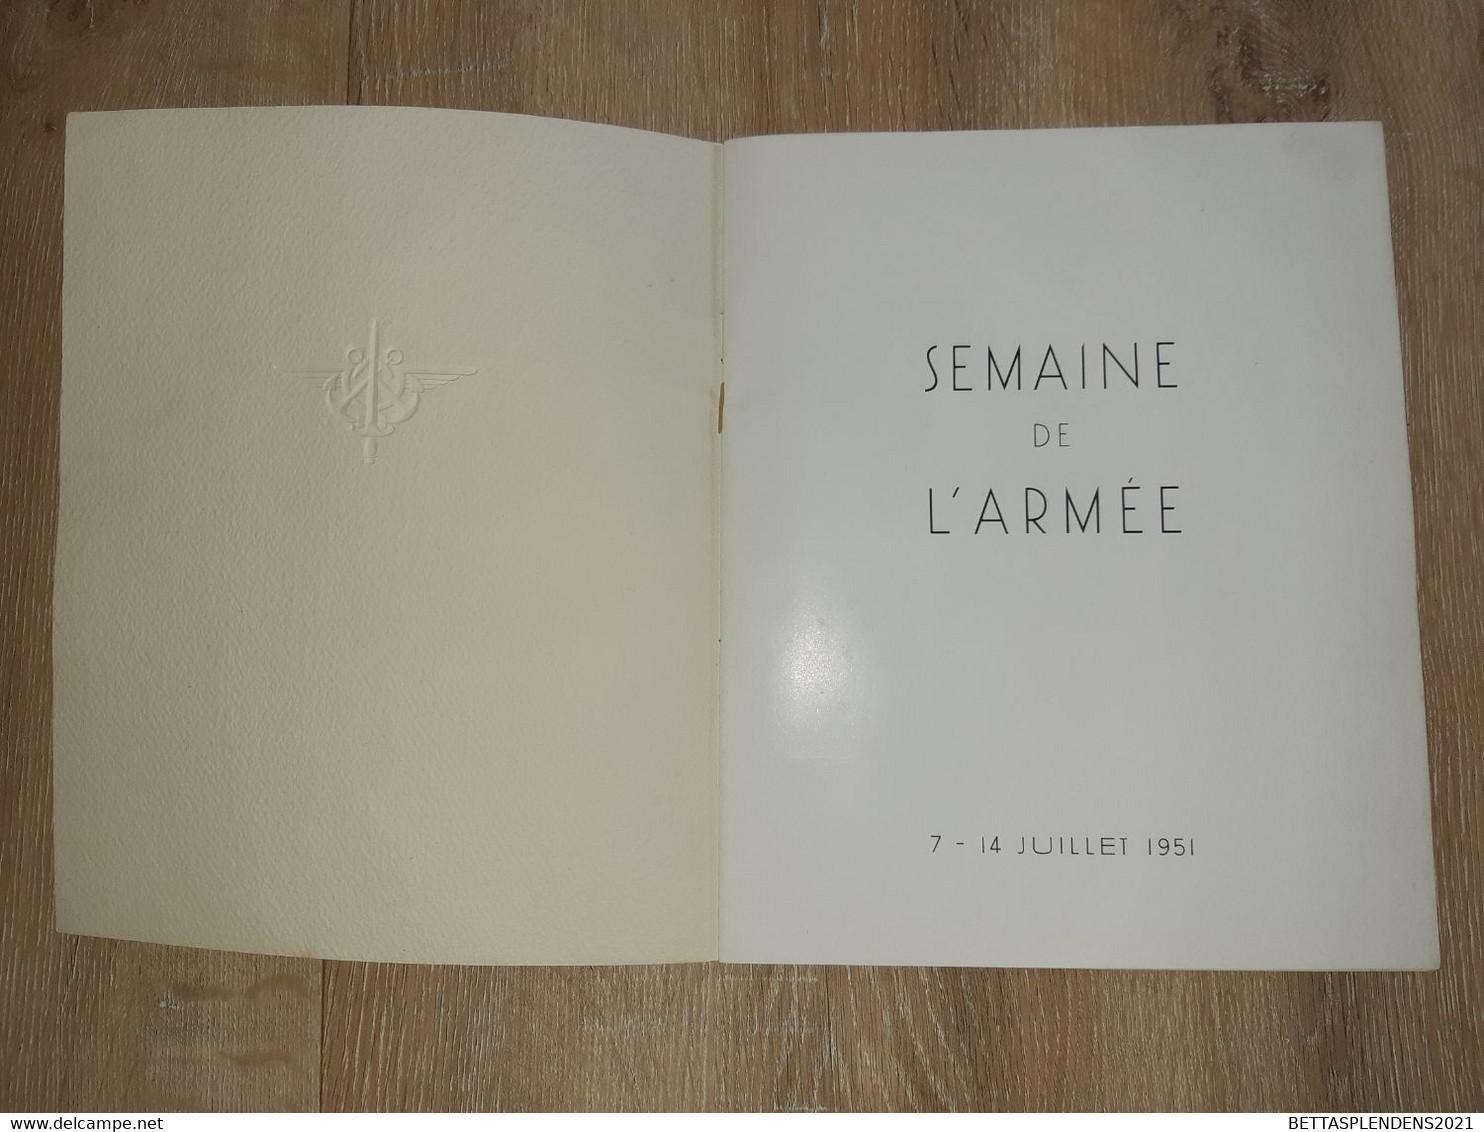 SEMAINE DE L'ARMEE 7-14 Juillet 1951 - Revue Avec Photos Différents Corps D'Armées & Belles Publicités - France